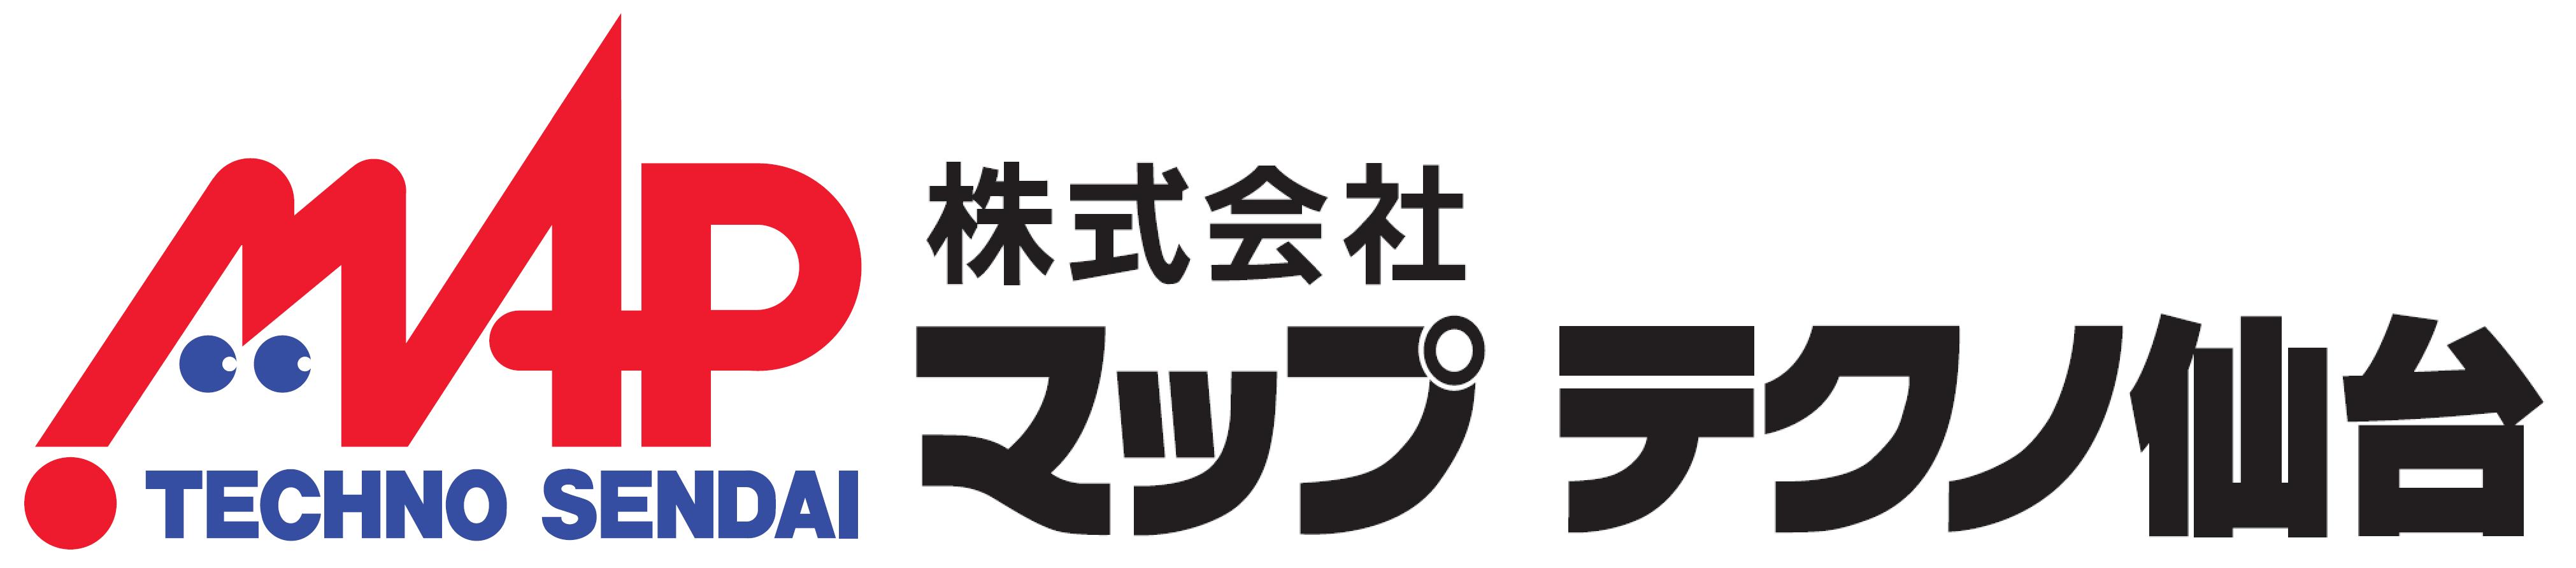 マップテクノ仙台